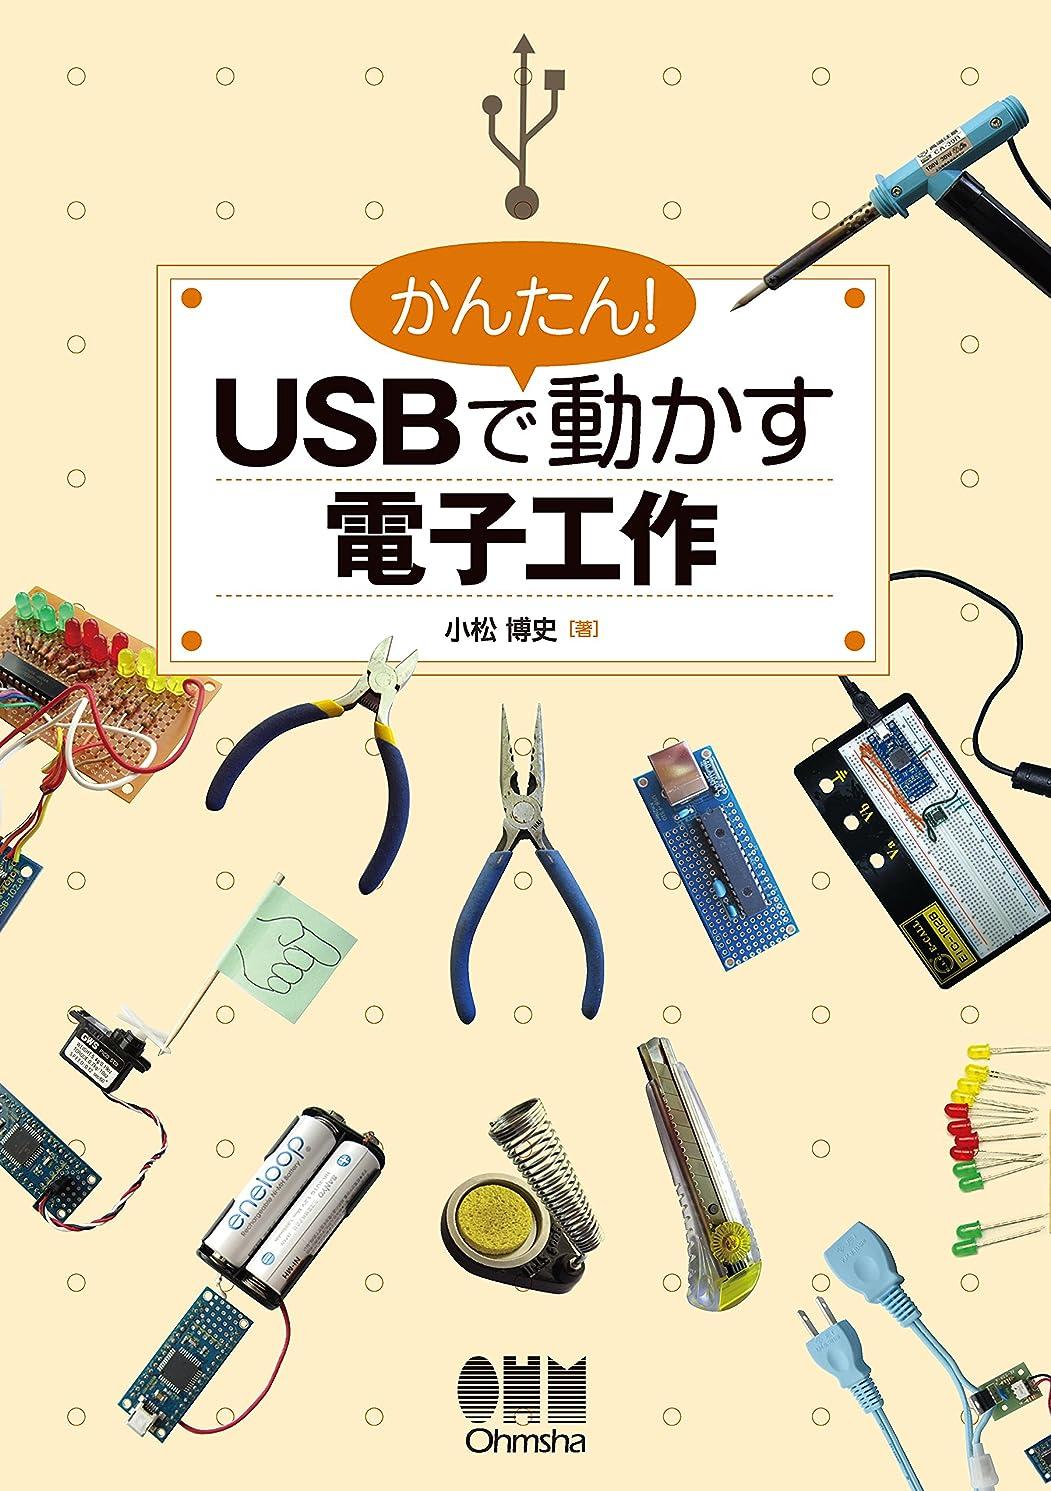 バリケードギネス該当するかんたん! USBで動かす電子工作